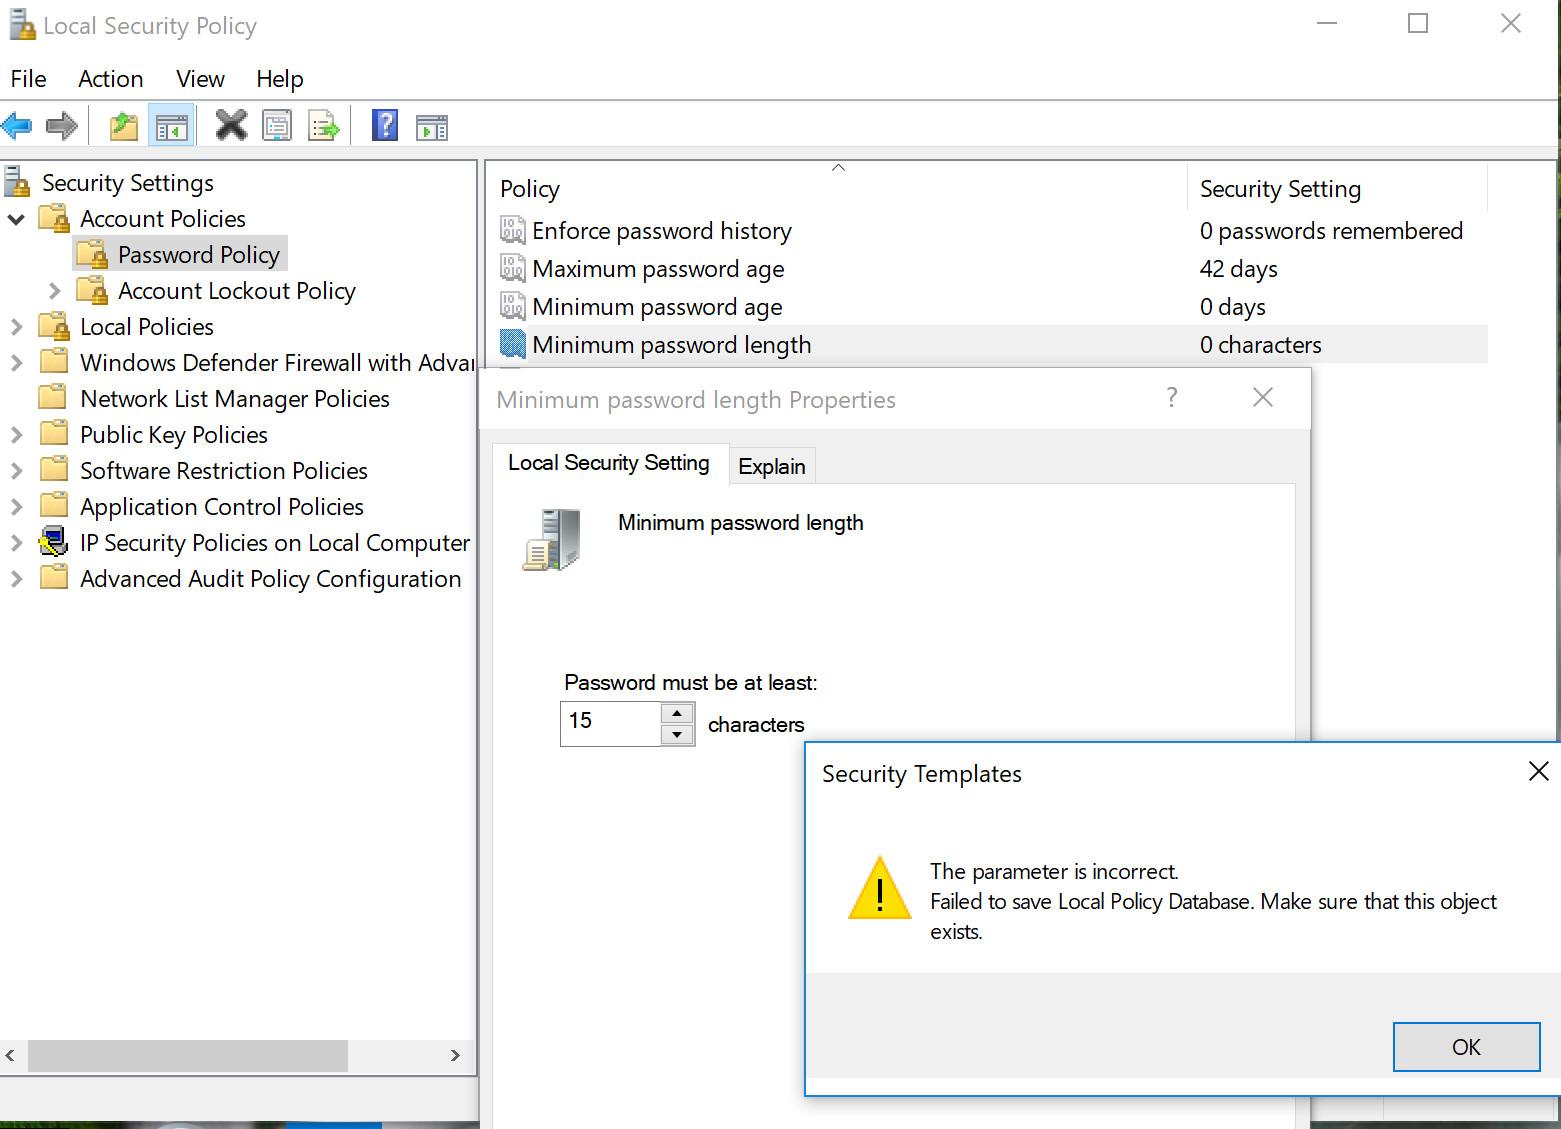 minimum password length  more than 15? abd1d08e-a20b-4995-8333-93fe36e4abd2?upload=true.jpg